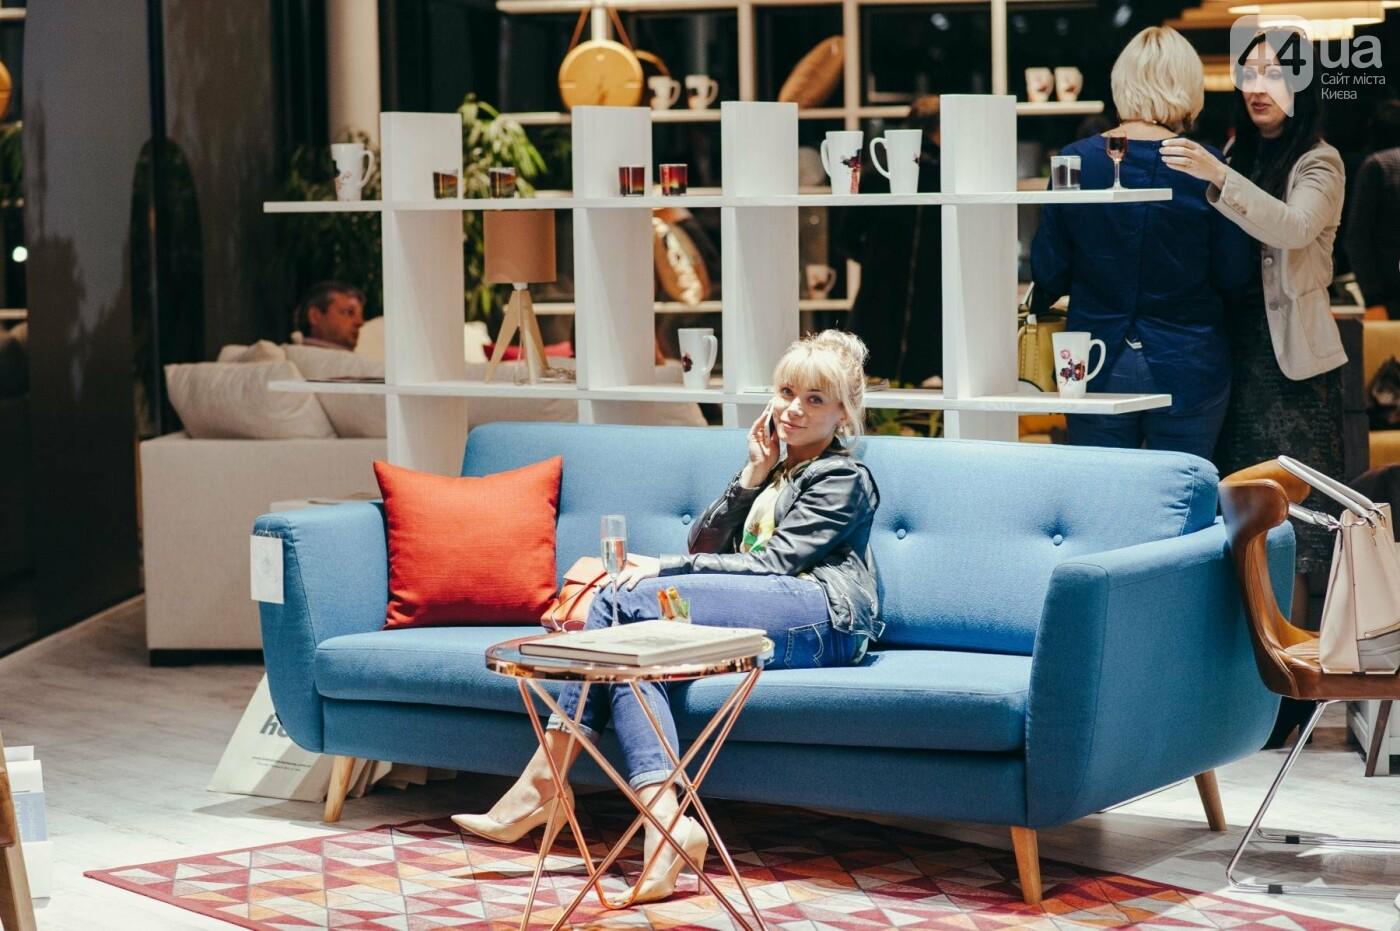 Обзор мебельных компаний Киева: какую мебель выбрать?, фото-45